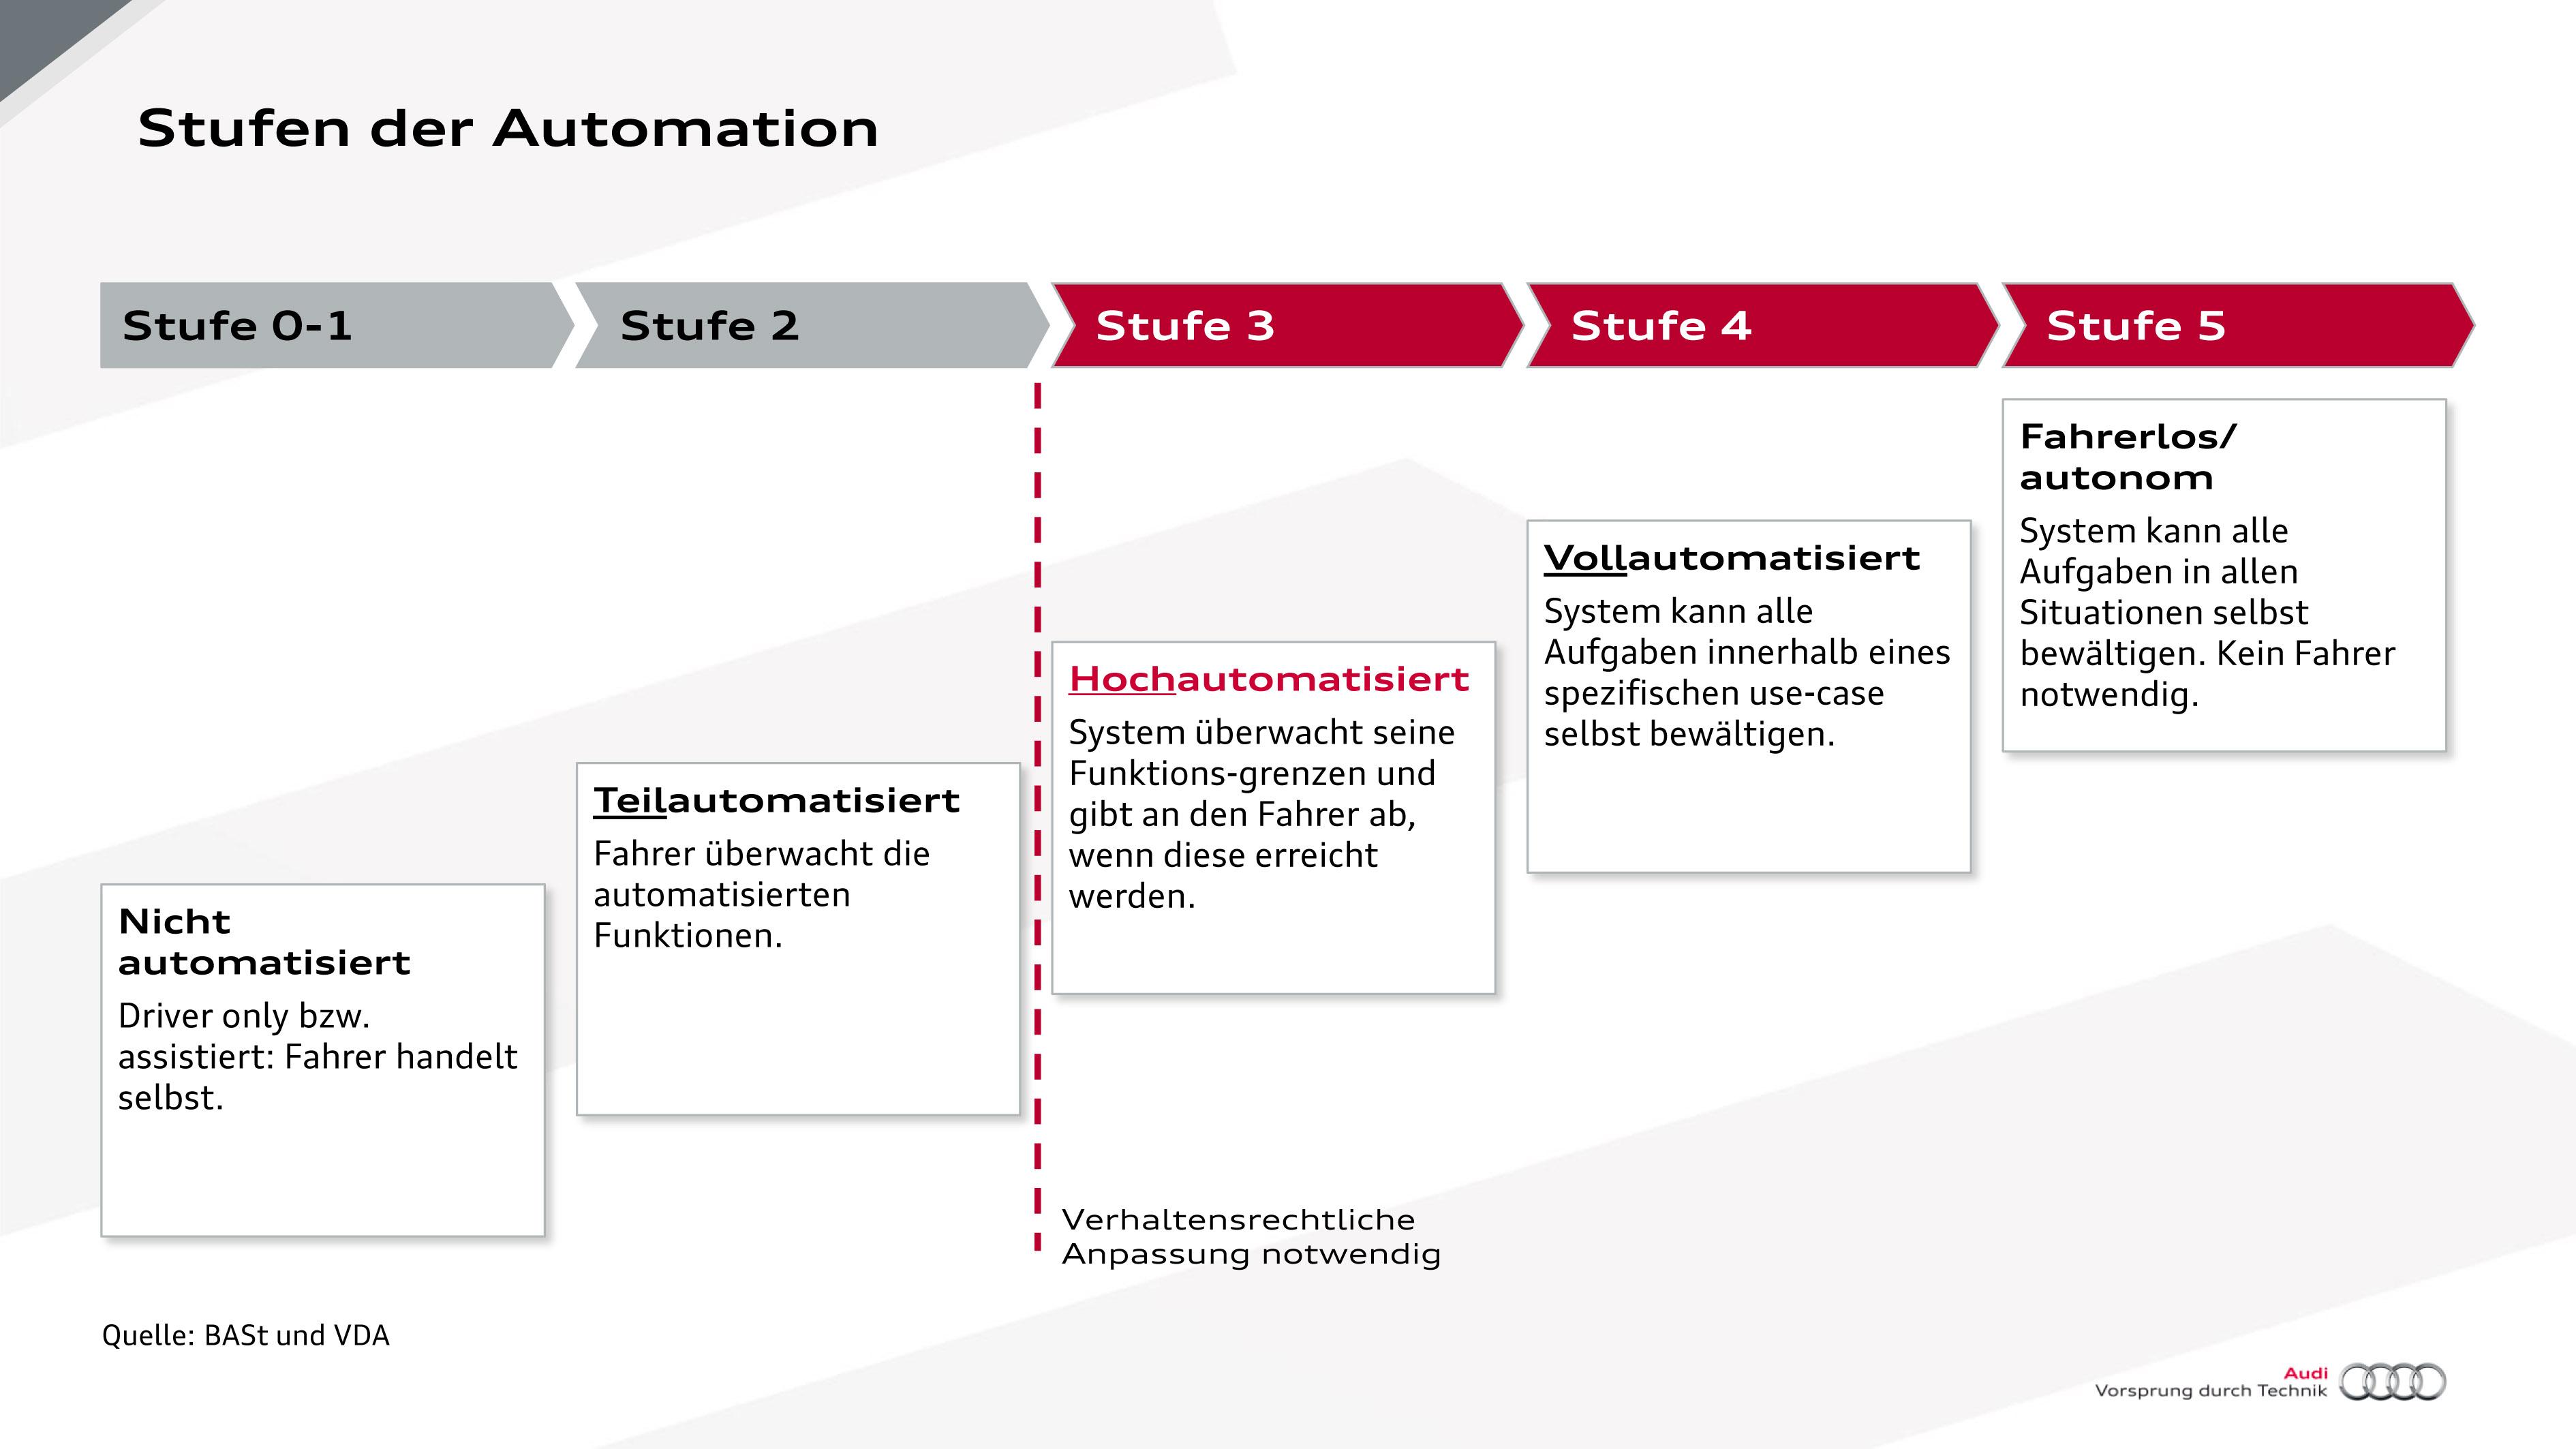 """Autonomes Fahren: Auf dem Highway ist das Lenkrad los - Der Prototyp gilt als """"hochautomatisiert"""". Solche Fahrzeuge sind in Deutschland rechtlich noch nicht erlaubt. (Grafik: Audi)"""